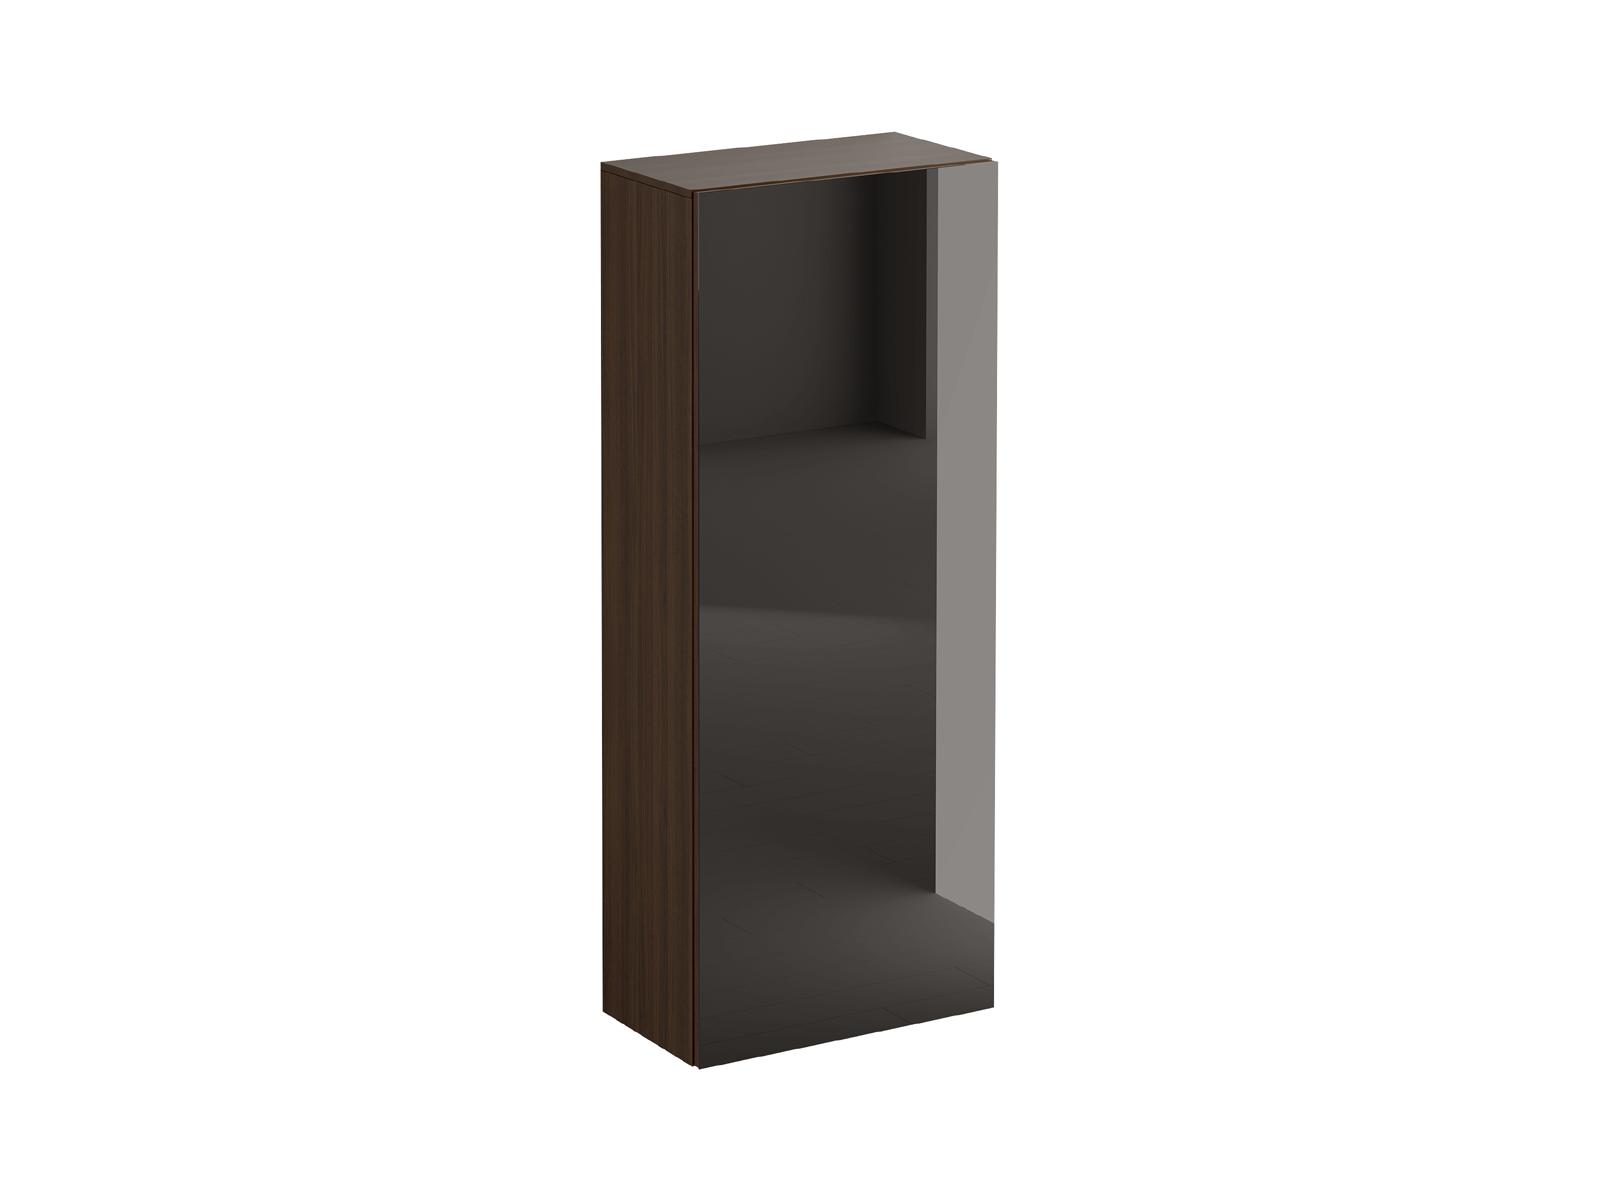 Шкаф для одежды GustoШкафы<br>Шкаф имеет два отделения. Верхняя стационарная полка образует отделение для хранения головных уборов. В нижнем отделении установлена выдвижная штанга для хранения верхней одежды.  Распашная дверь открывается по принципу «нажал-открыл». Задняя стенка черно...<br>